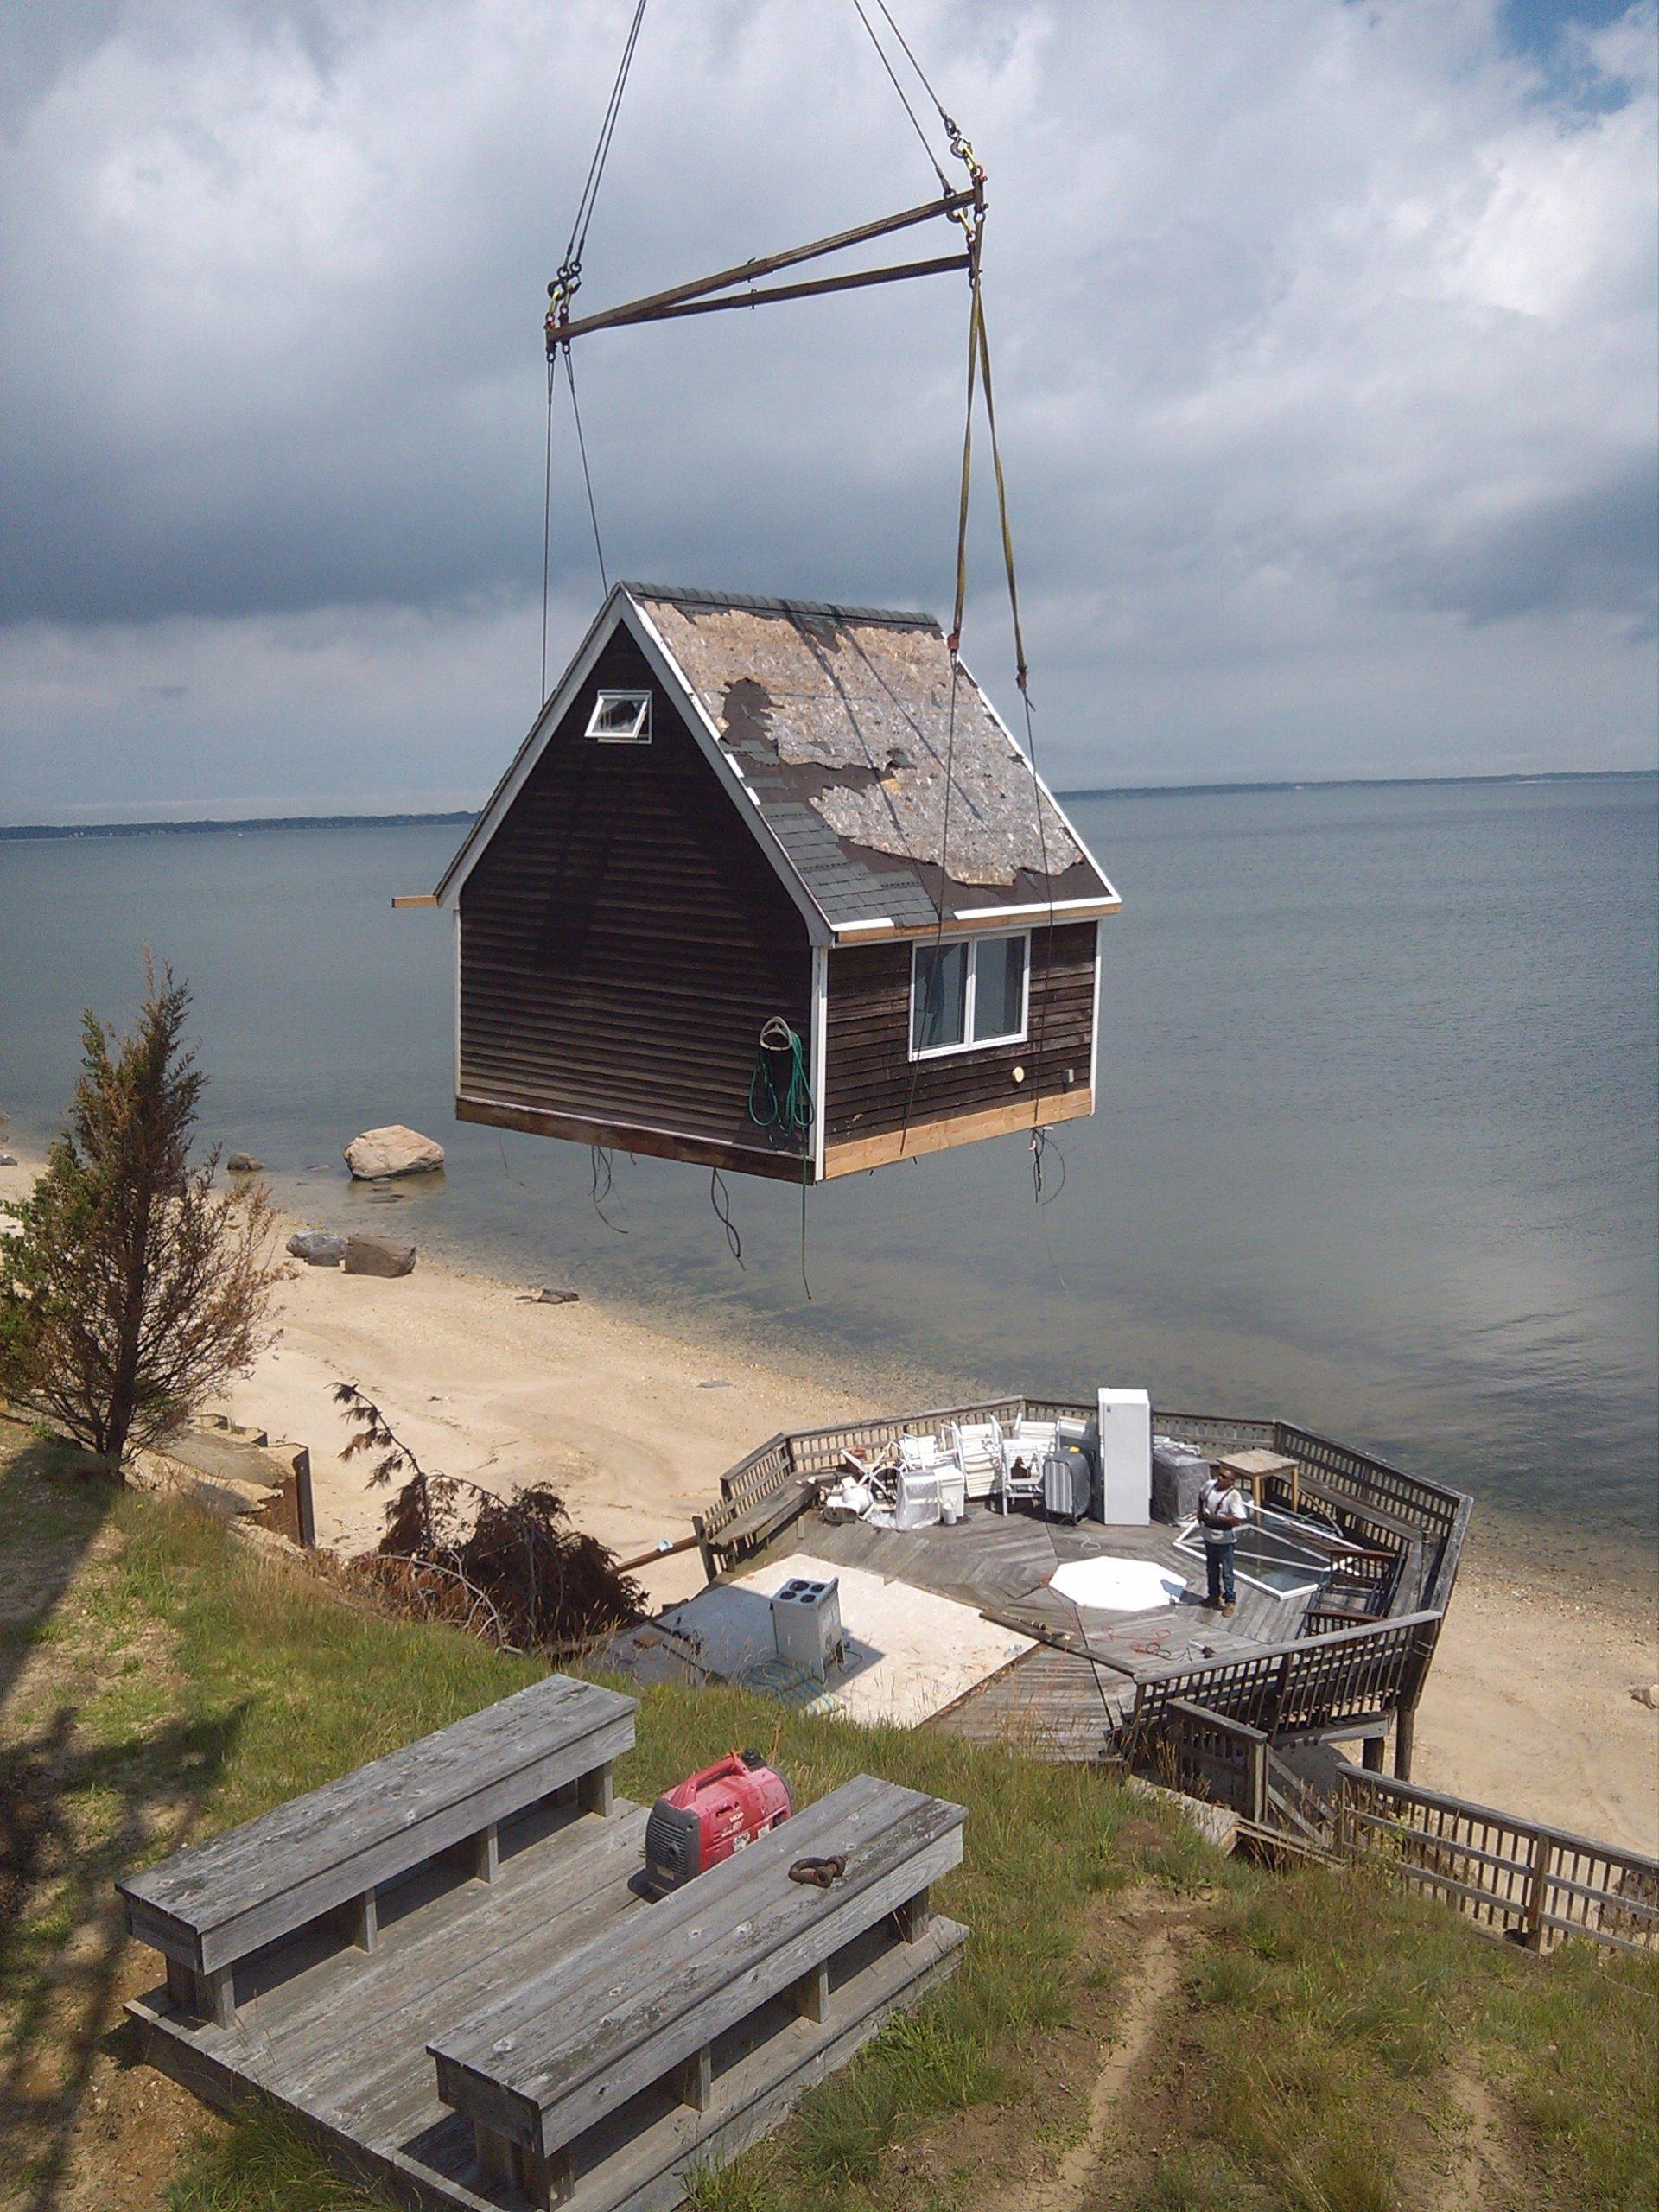 Removing a Cabana For Repair In Hampton Bays